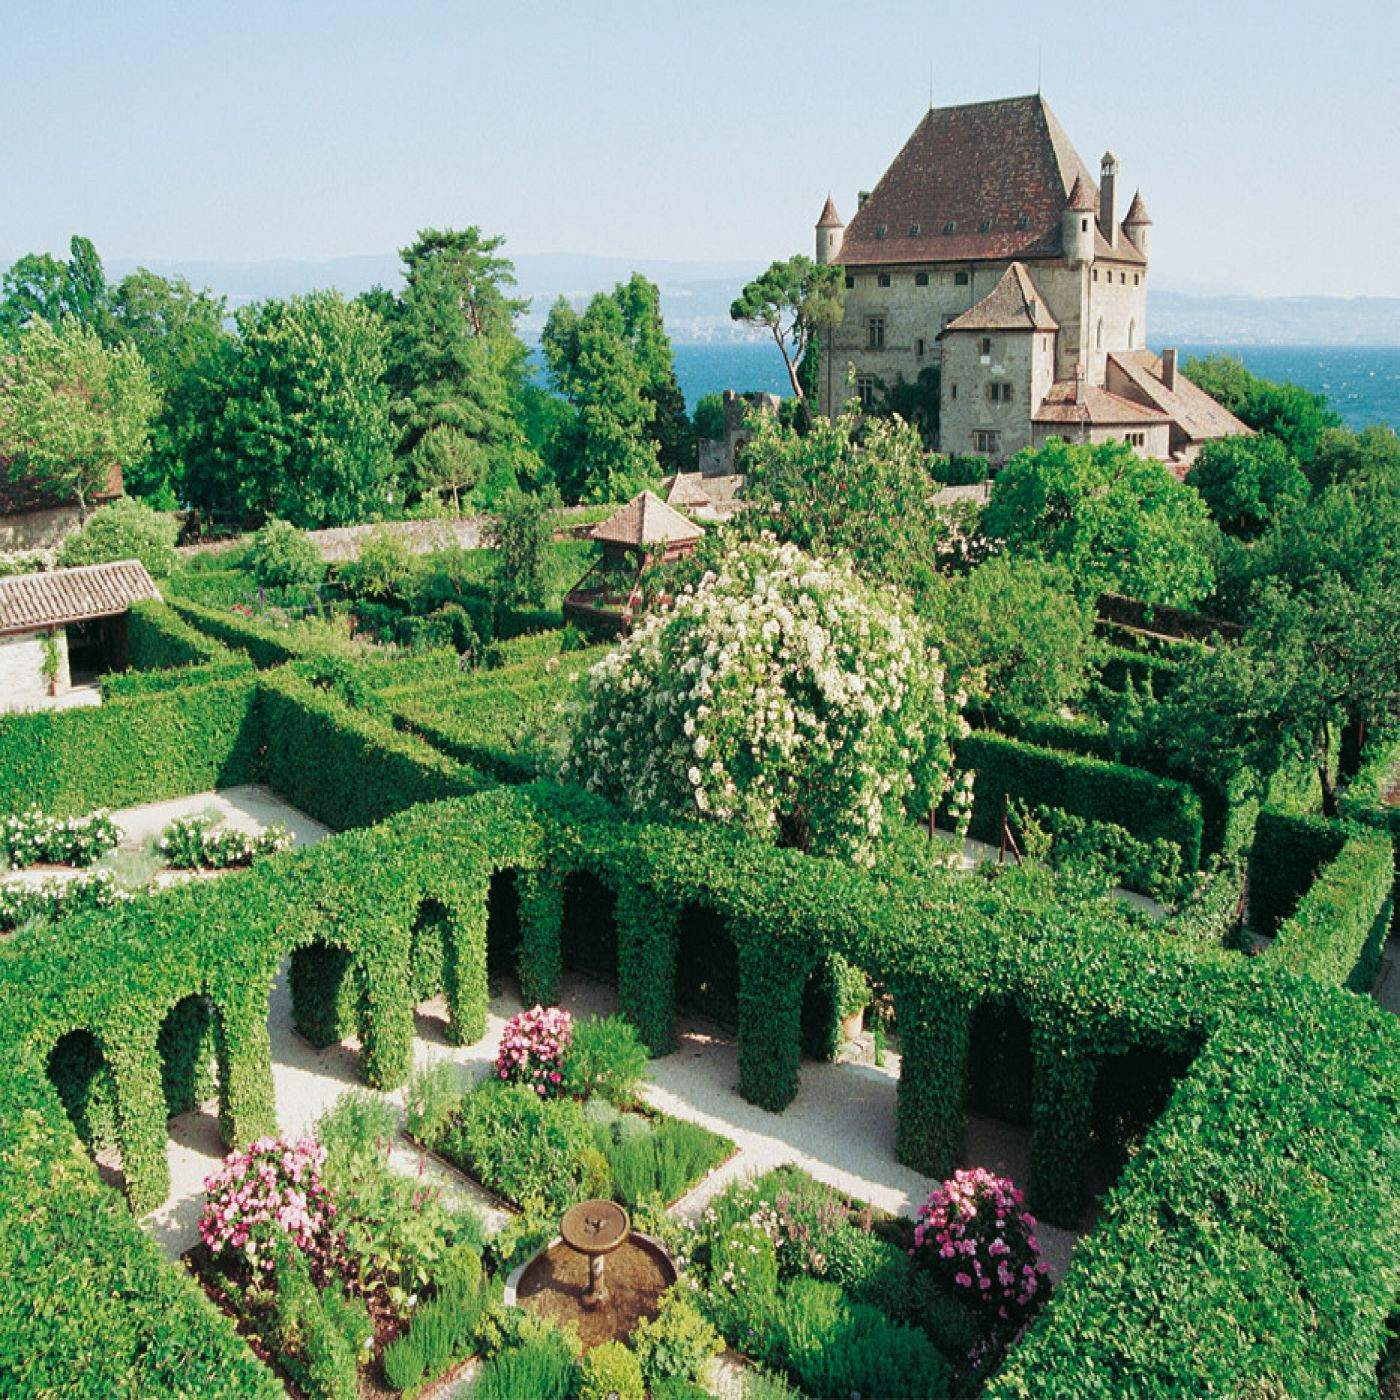 Le Jardin Des Sens Hennebont Frais Stock Jardin Des Sens Hennebont Magnifique Le Jardin Des Sens Cuisine Et